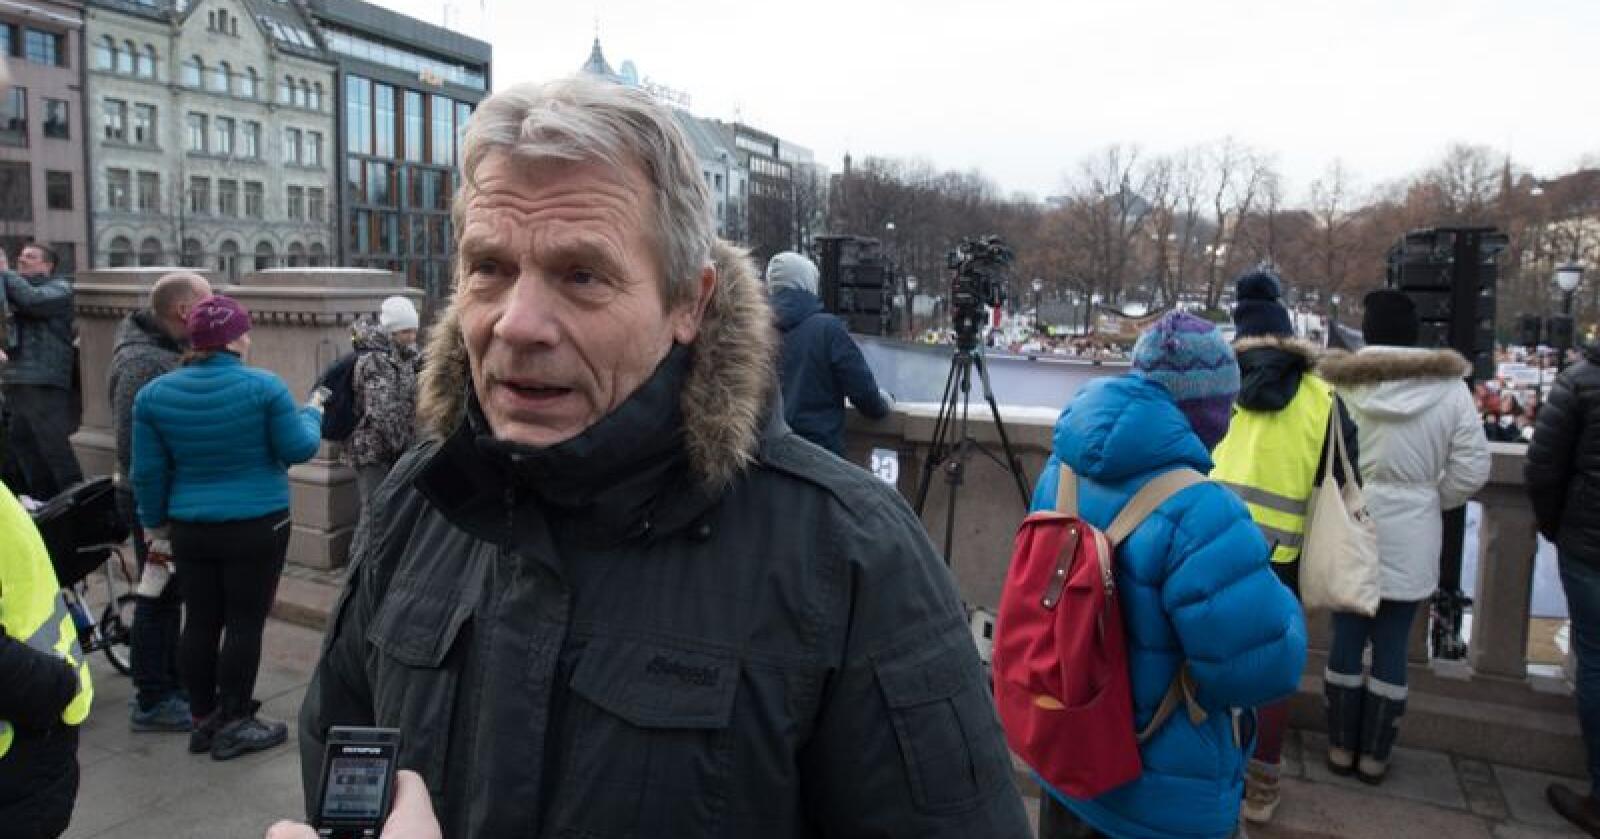 Arne Nævra, stortingsrepresentant for SV, mener det er skandaløst hvordan den nye postloven ser ut til å bli. Foto: Vidar Sandnes